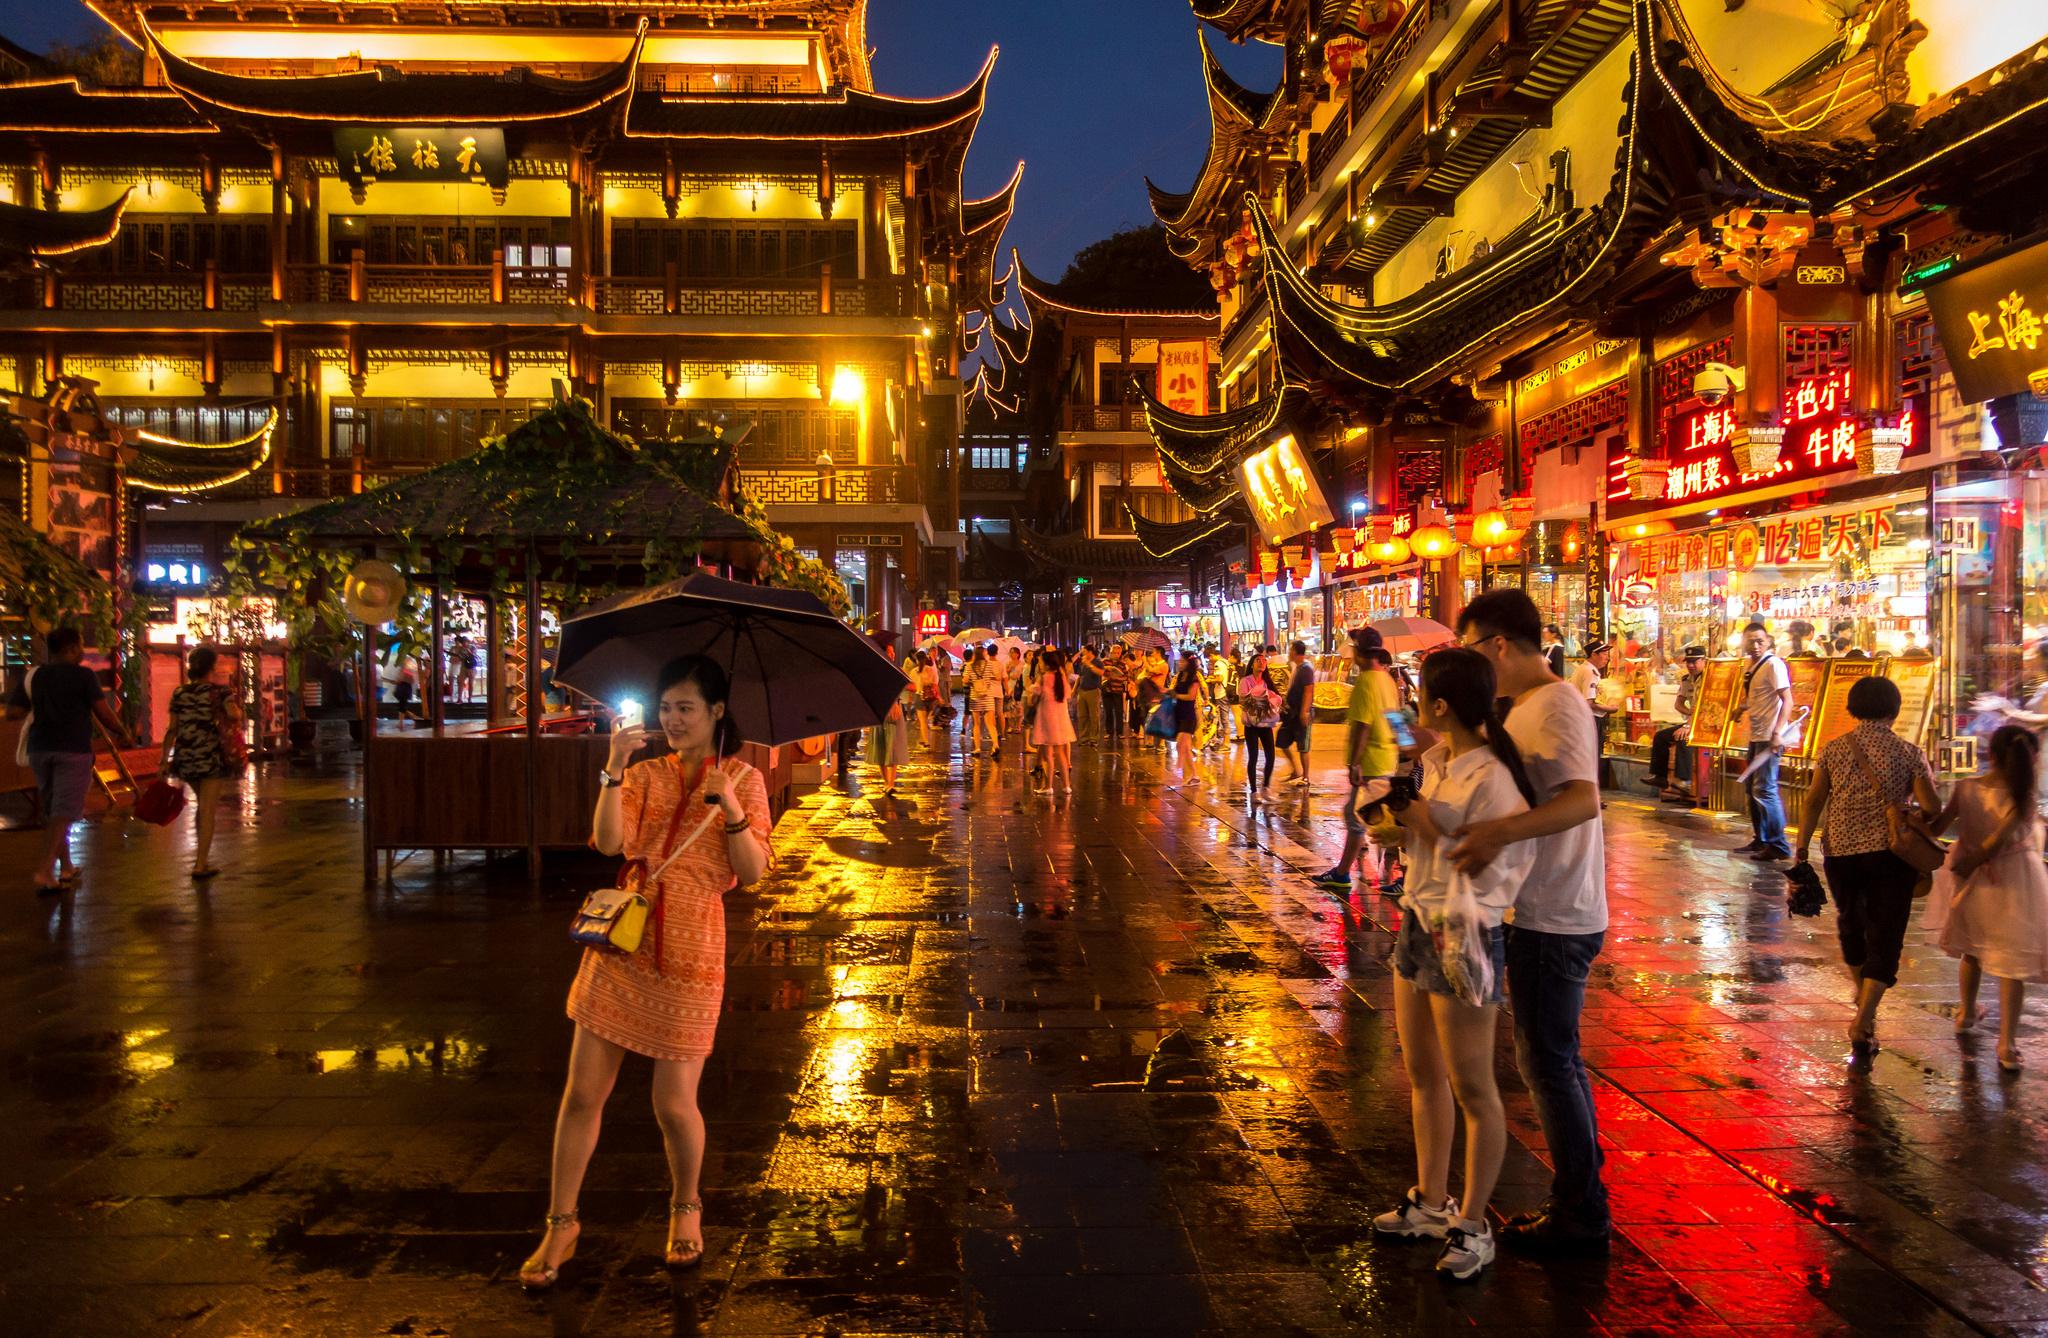 Китайский квартал Шанхая